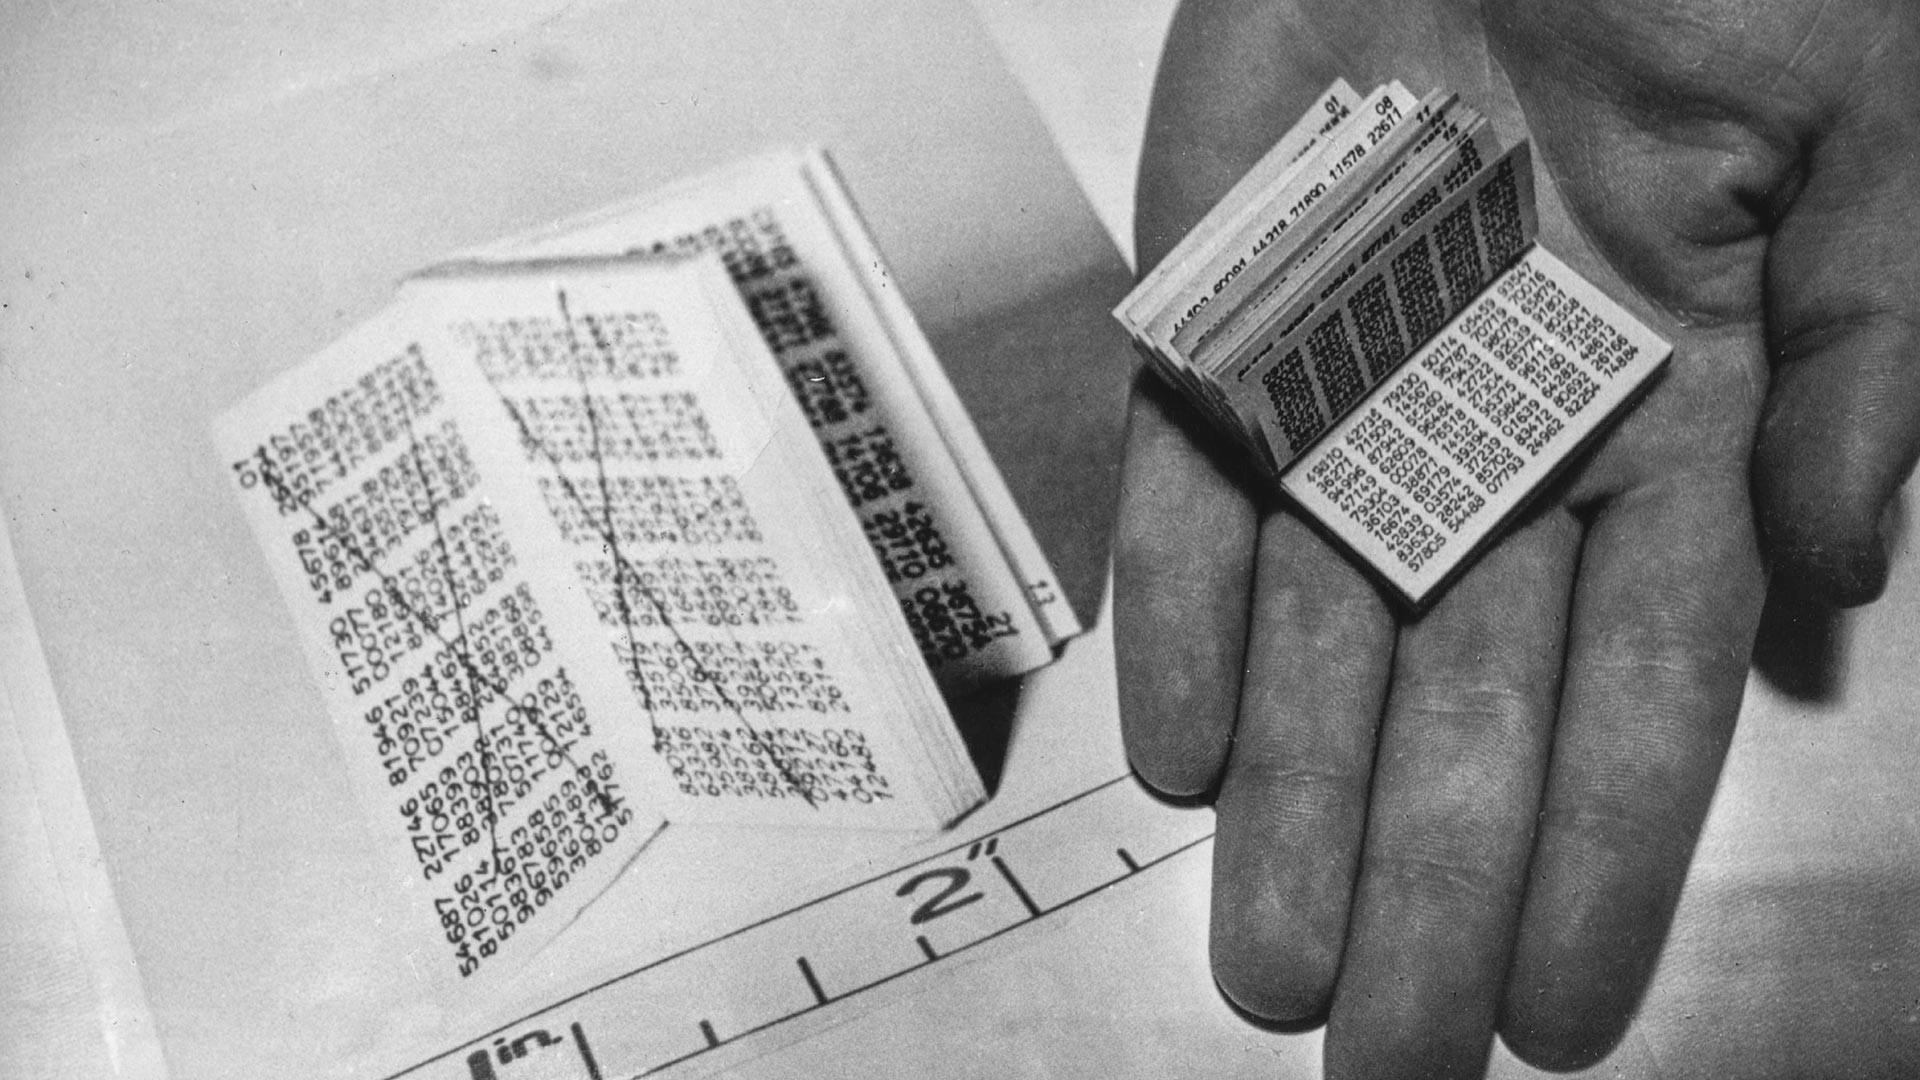 Минијатурен шифрарник кој содржи серии цифри. Според државниот обвинител Елвин Џонс, шпионите го користеле за дешифрирање пораки од Москва,